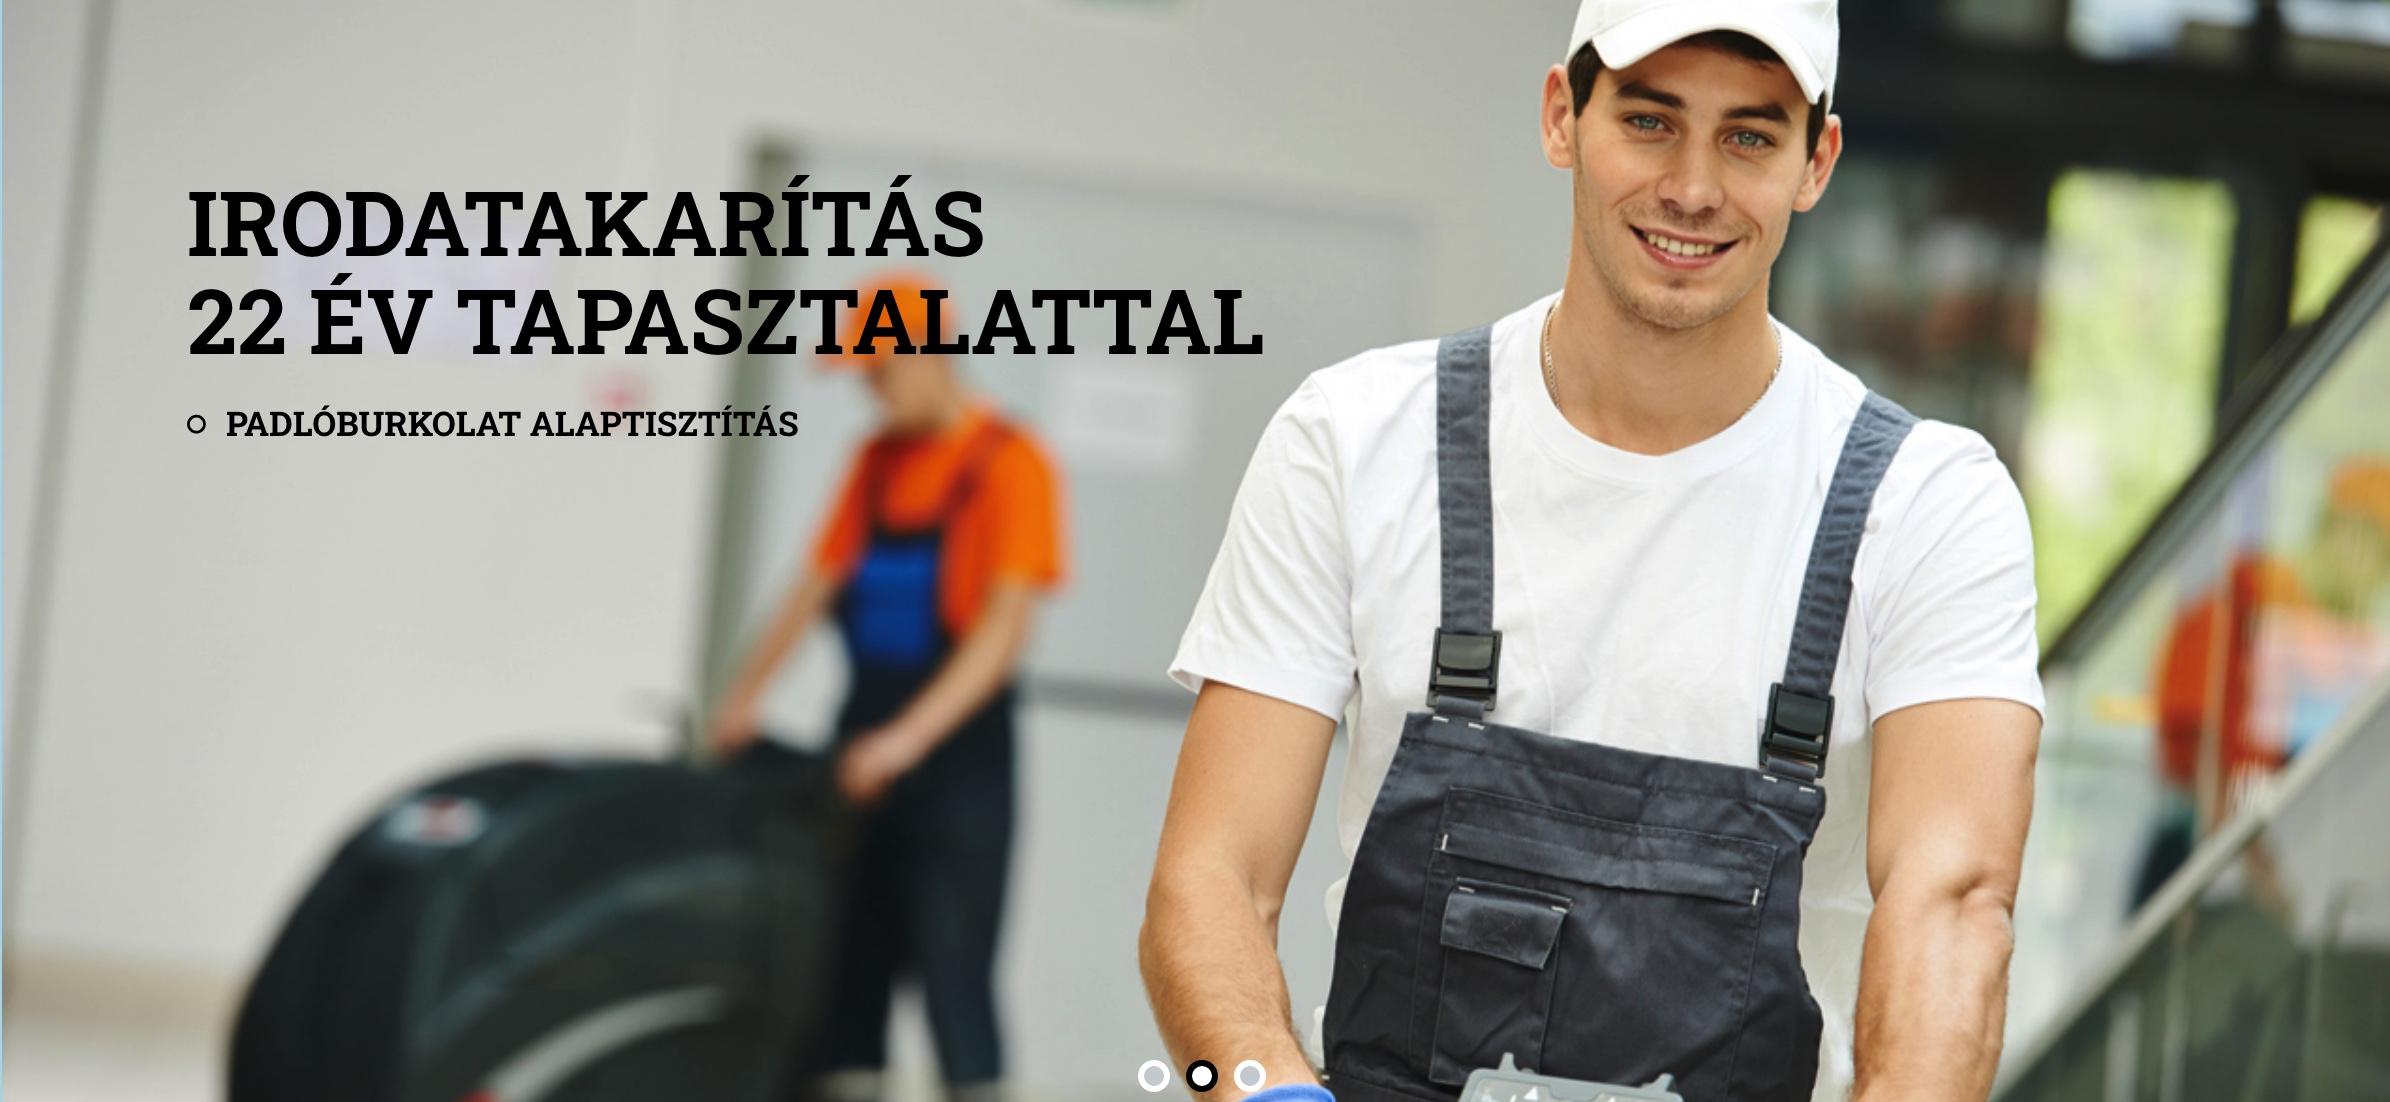 Irodák takarítása Budapesten kiváló szakemberekkel